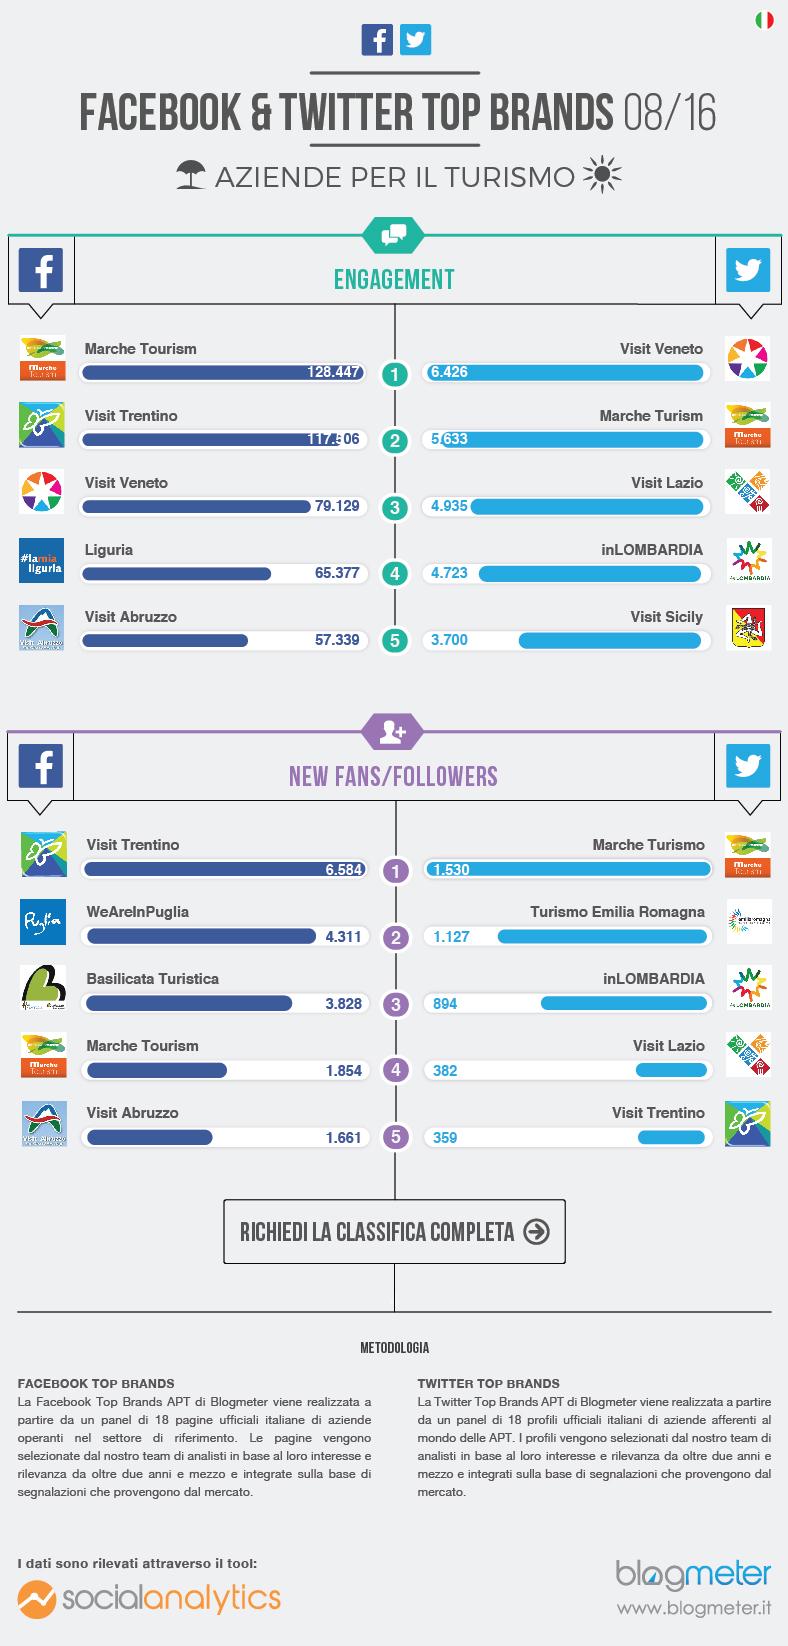 Facebook e Twitter Top Brands Agosto 2016 - Settore Turismo